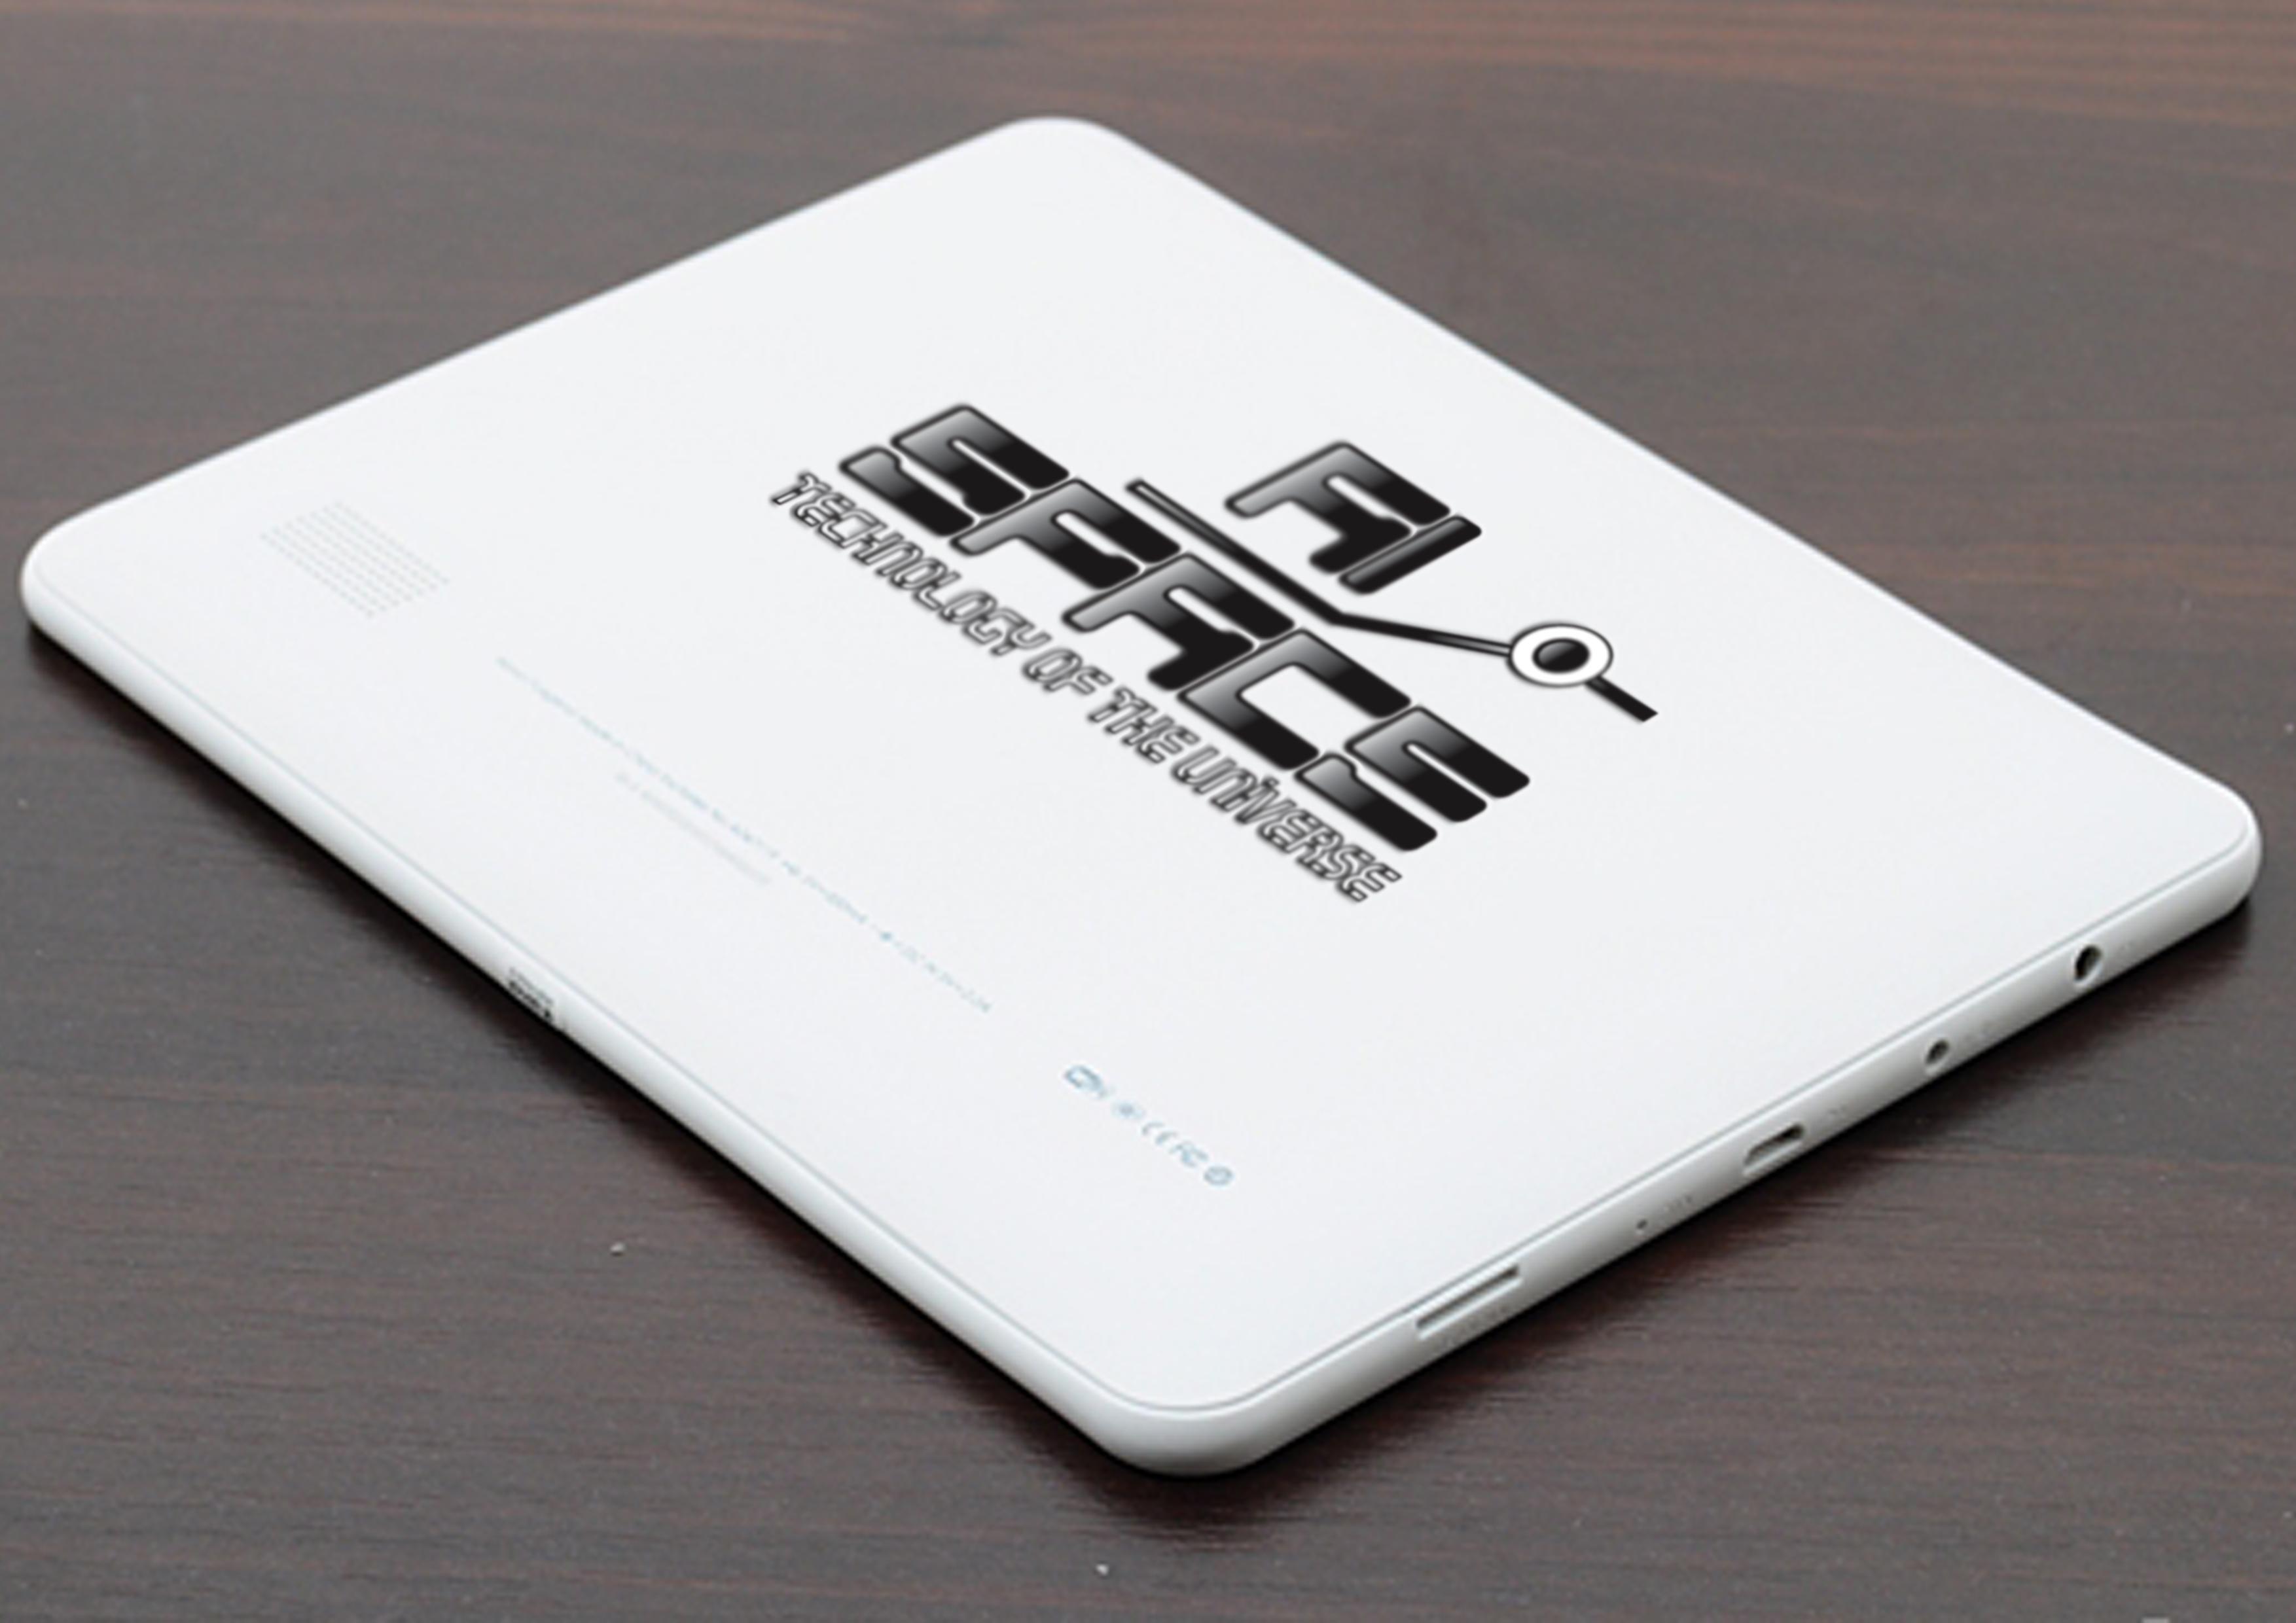 Разработать логотип и фирменный стиль для компании AiSpace фото f_11351b1b84650c85.jpg